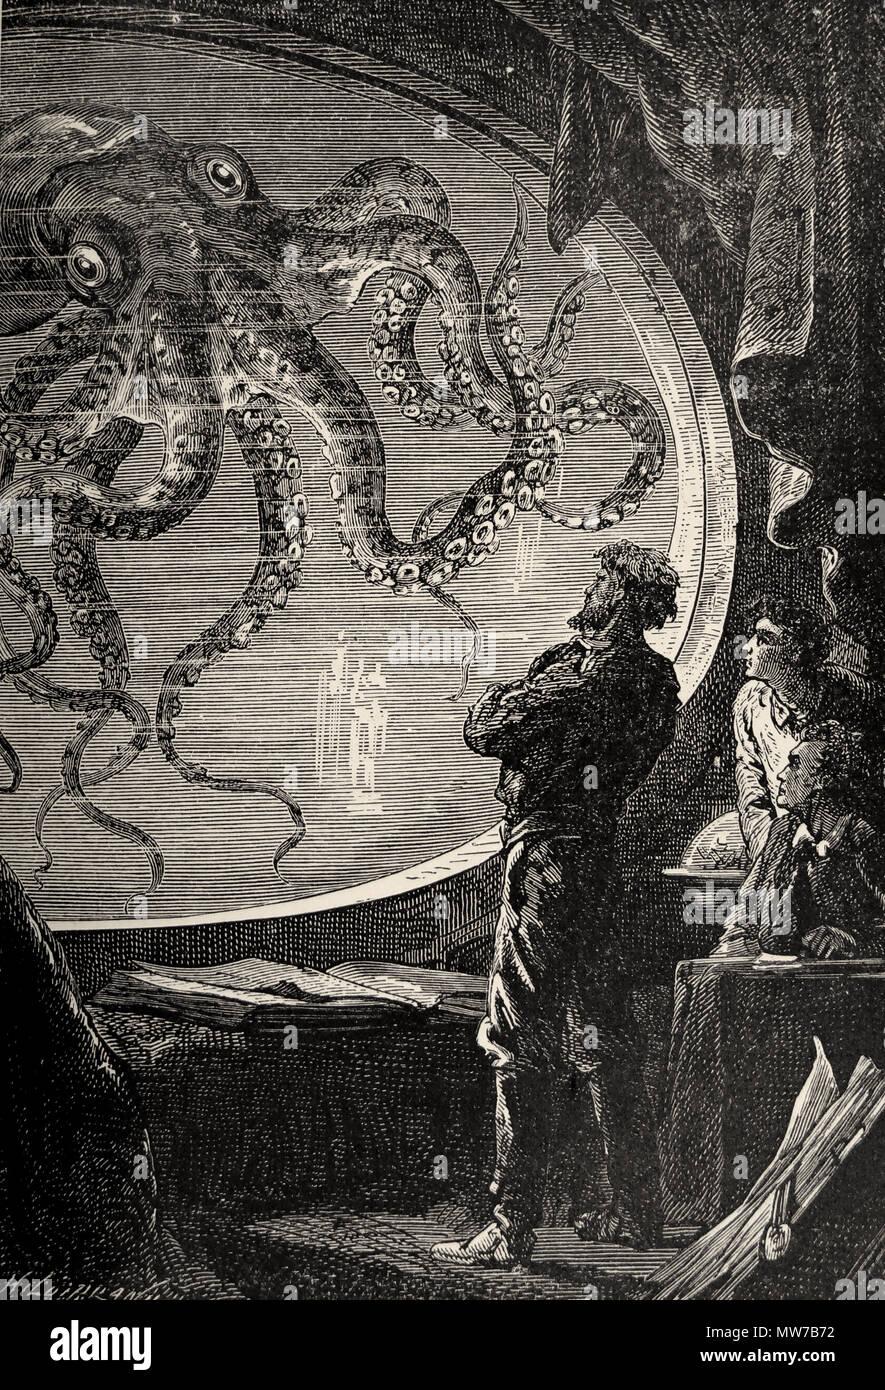 """Ante mis ojos es un horrible monstruo. """"Veinte mil leguas bajo el mar"""" de Julio Verne (1873, 2ª ed.) Nosotros Foto de stock"""